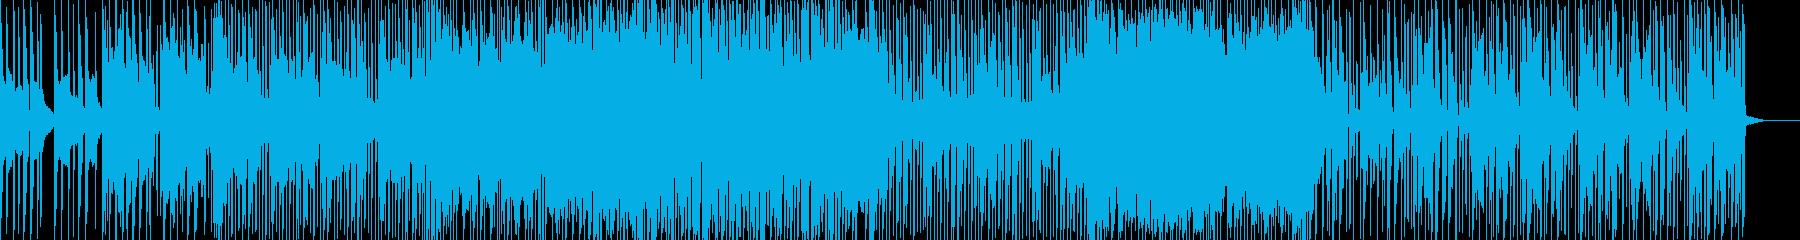 イントロのシンセ音が印象的なカッコイイ曲の再生済みの波形